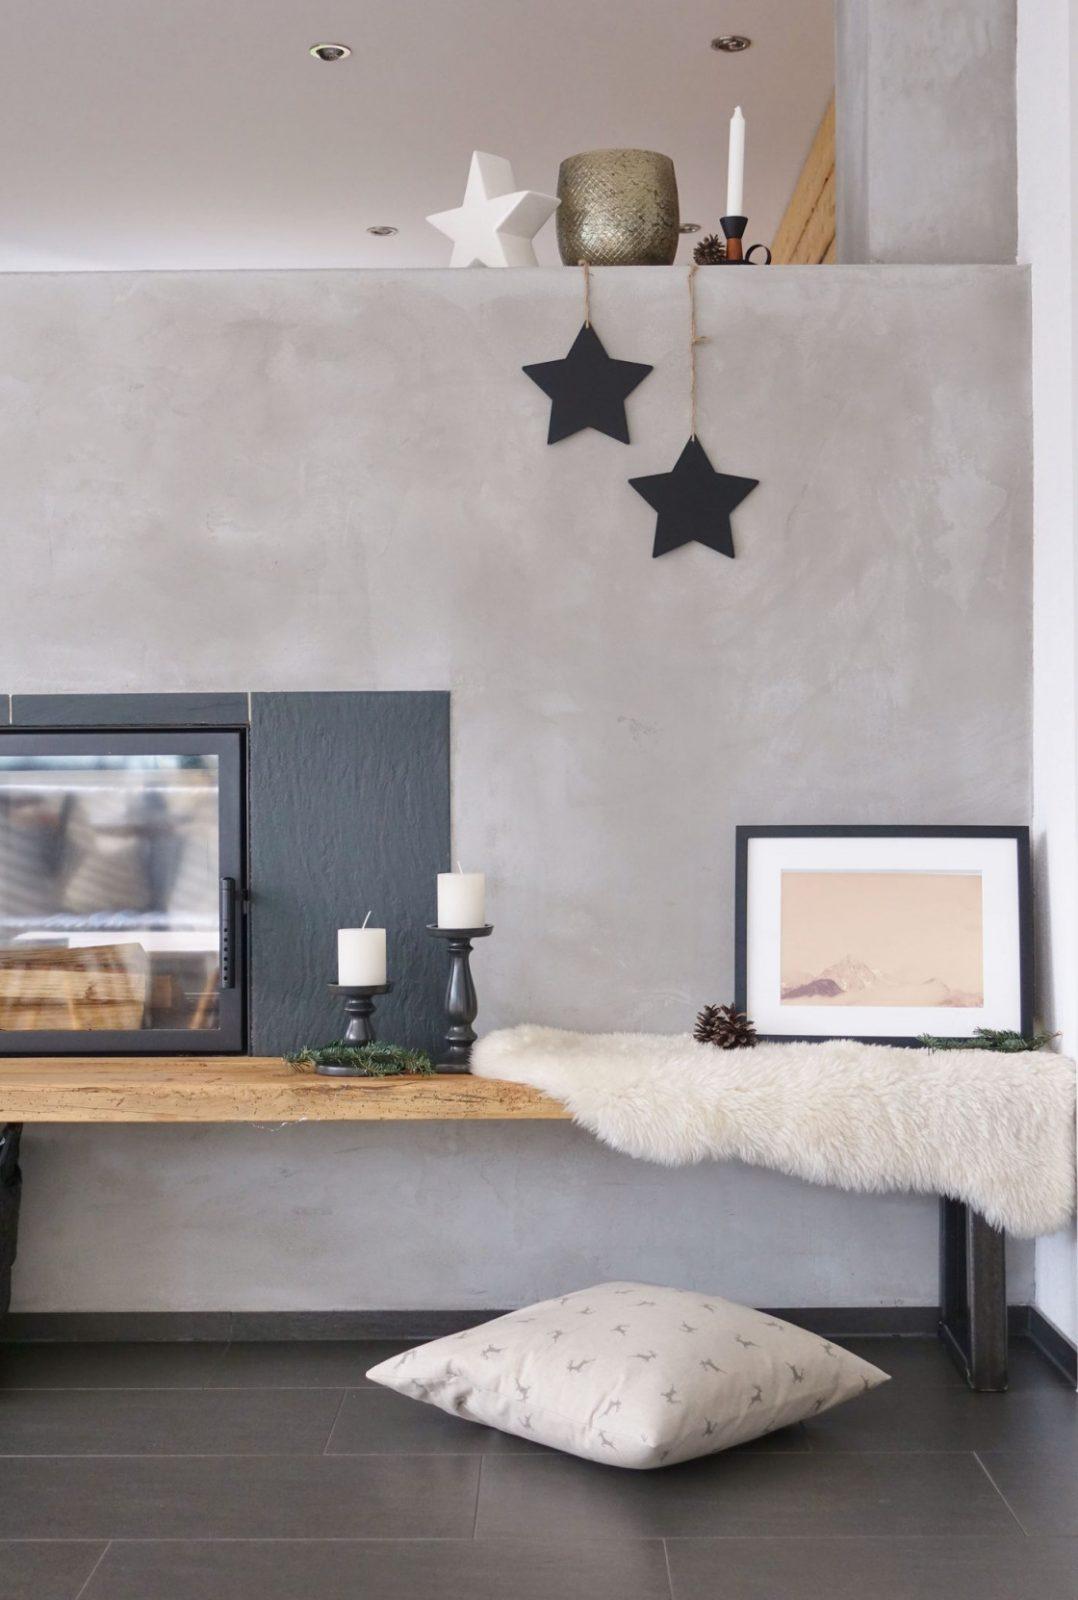 Ideen Für Raumteiler Und Raumtrenner von Raumteiler Ideen Schlafzimmer Photo